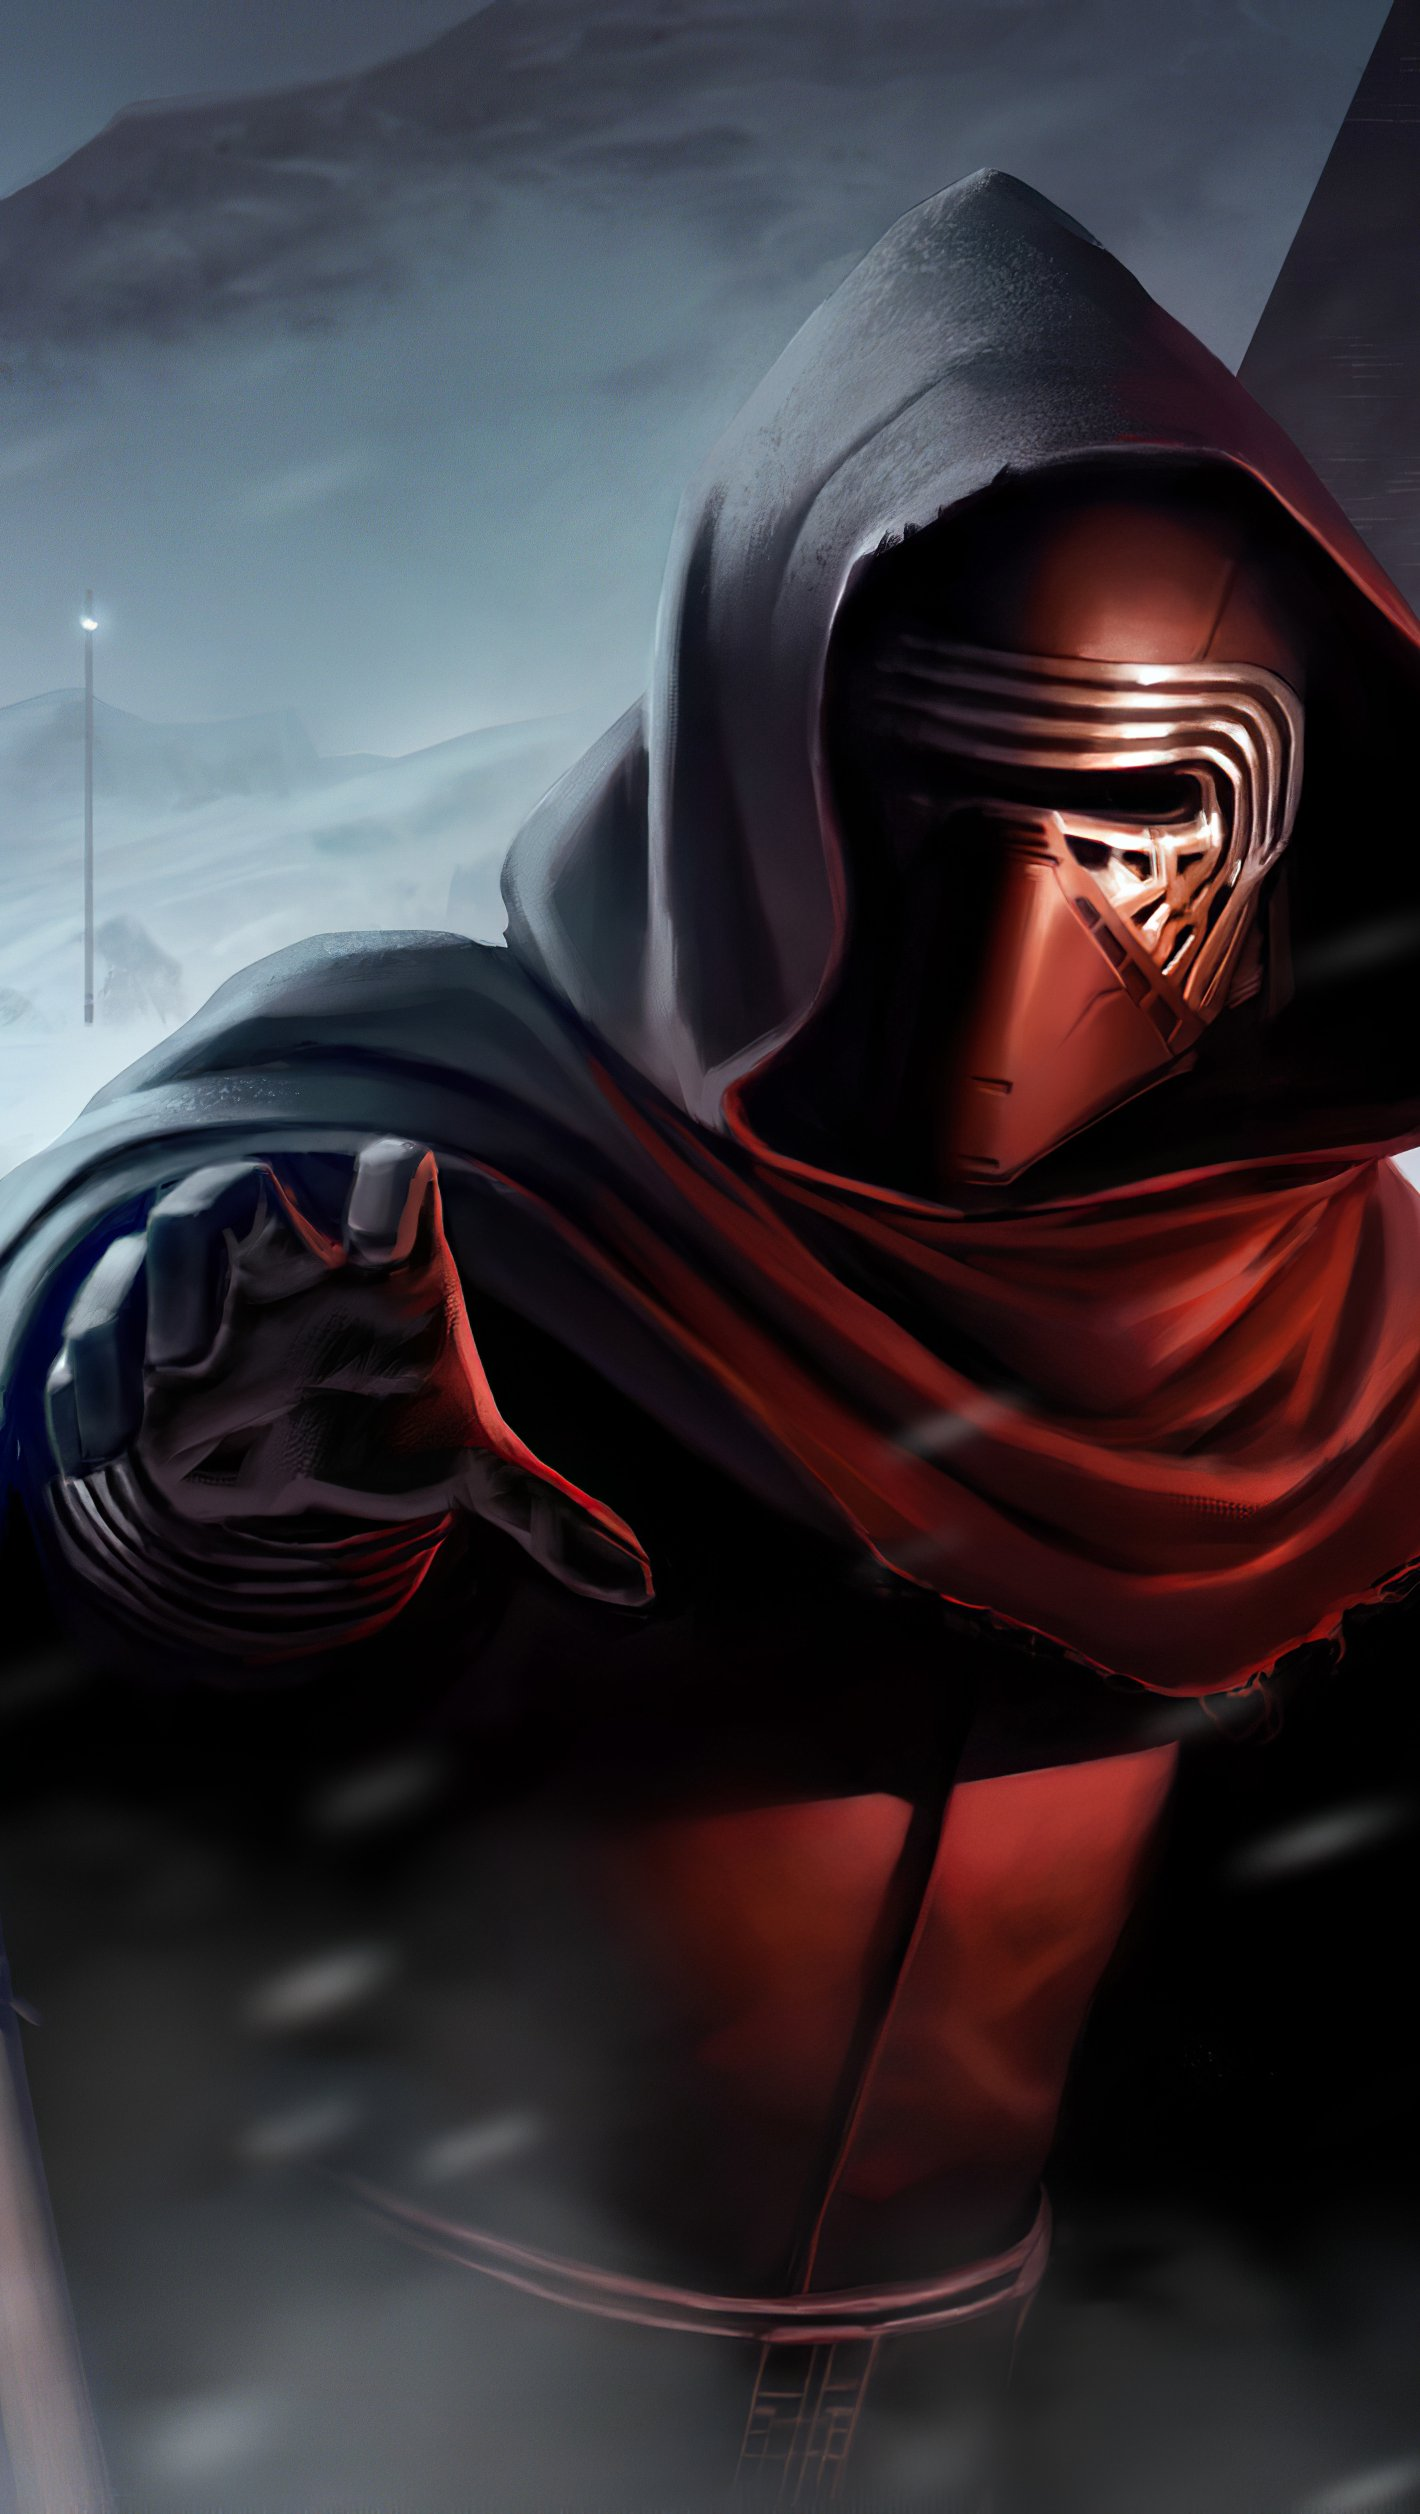 Kylo Ren From Star Wars Wallpaper 4k Ultra Hd Id 5496